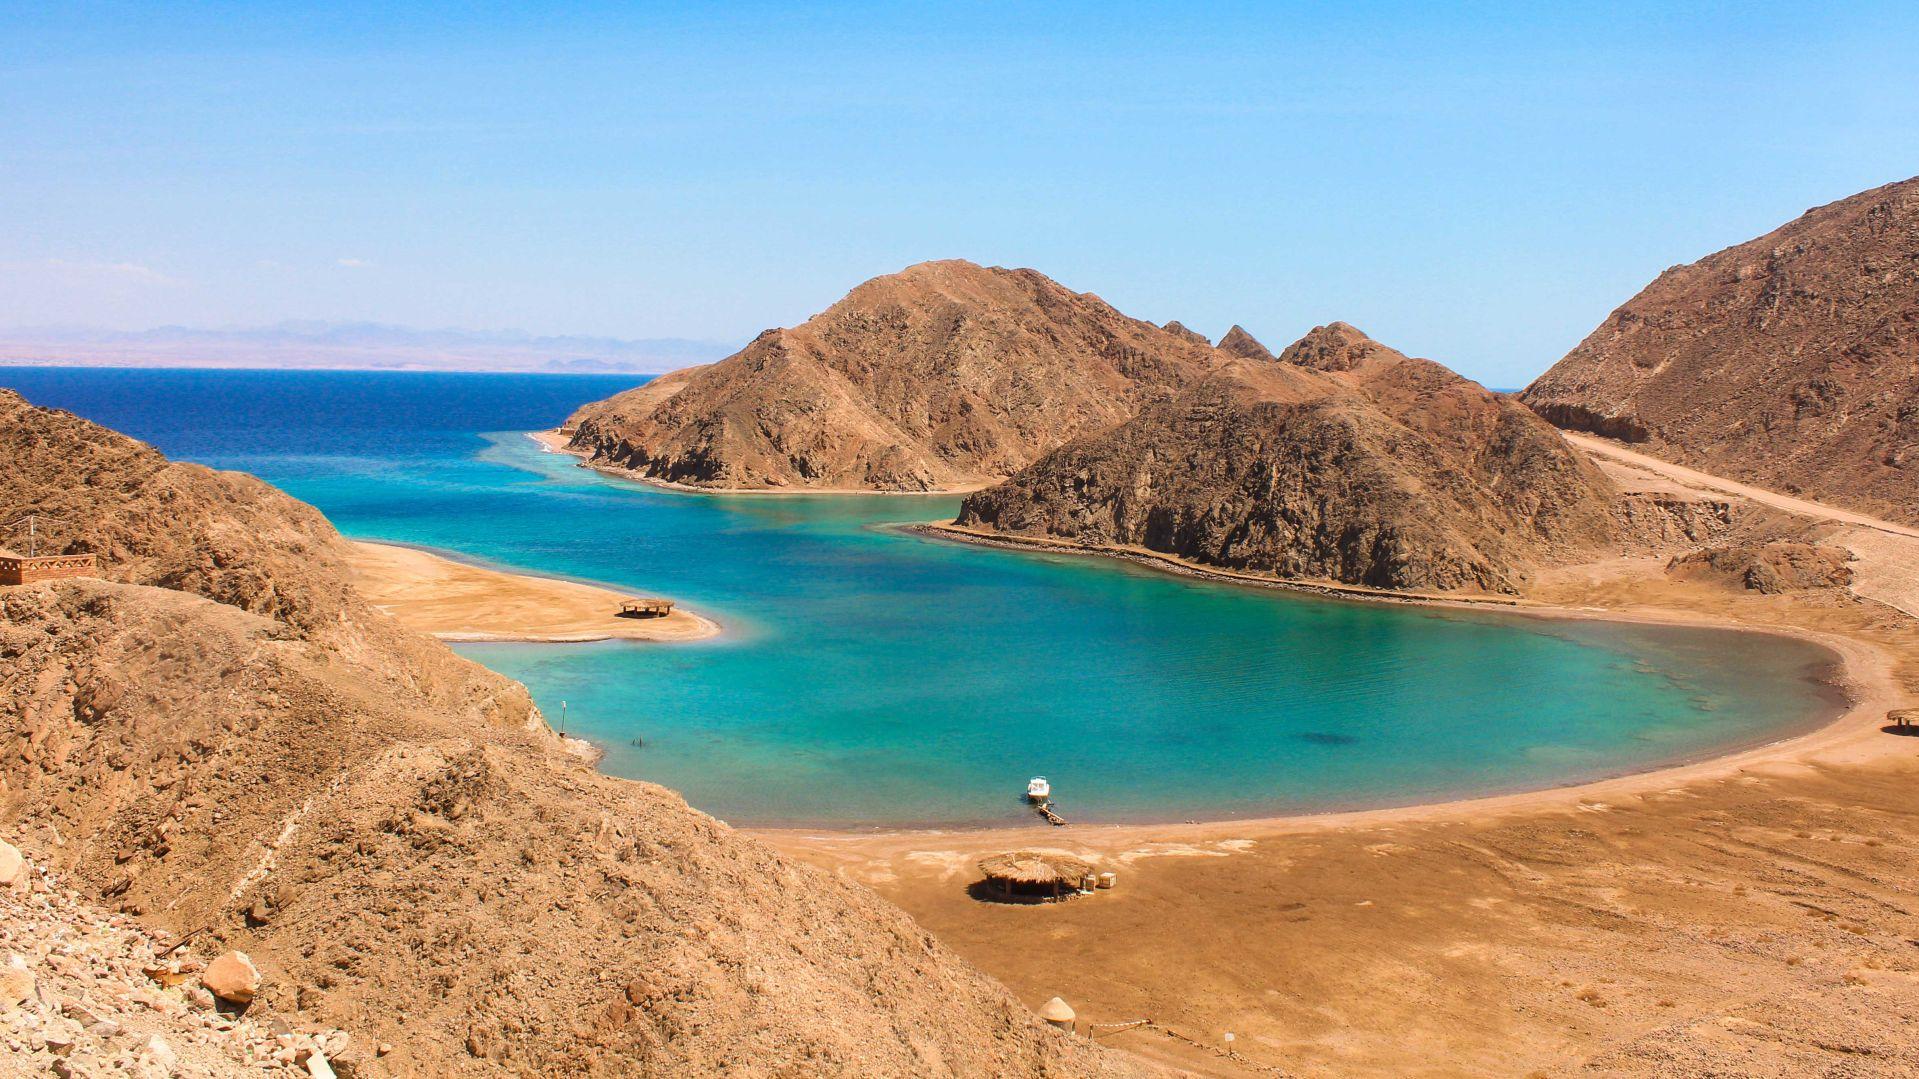 حقيقة زيادة رسوم التخييم بالمحميات الطبيعية بسيناء والبحر الأحمر